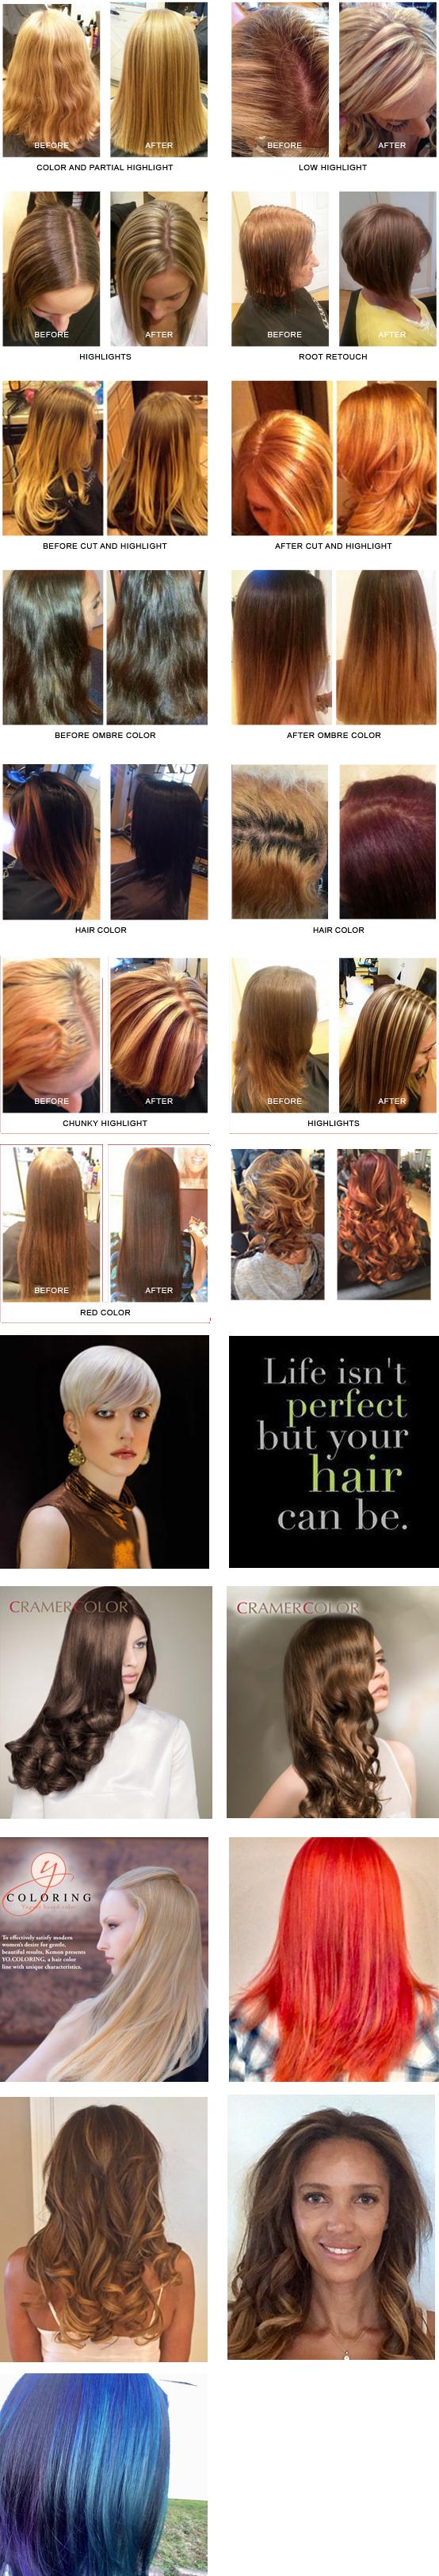 Hair Color | Branford, CT | Salon Viziato | 203-433-4090